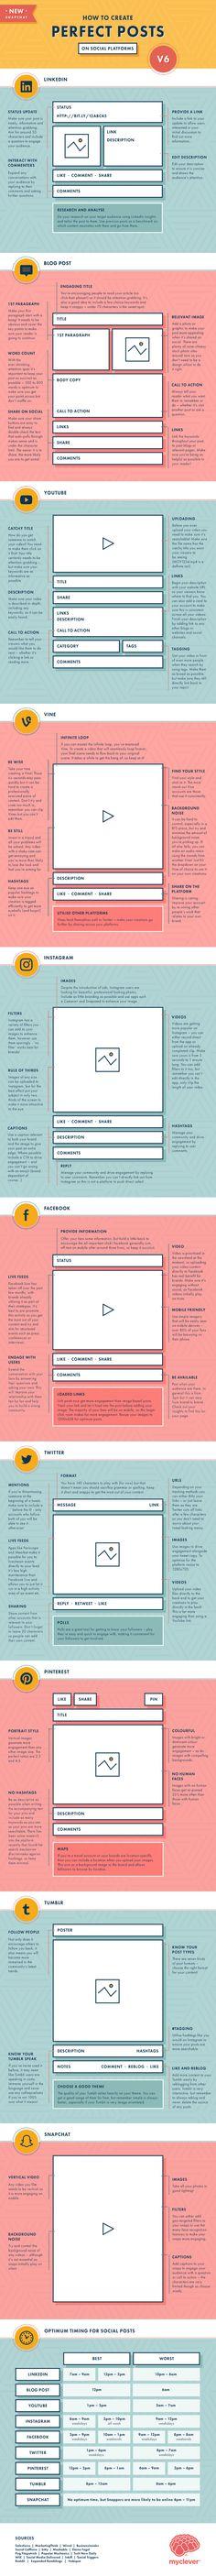 Wie Sie in jedem sozialen Netzwerk ihren #Post optimieren How To Create Perfekt Posts